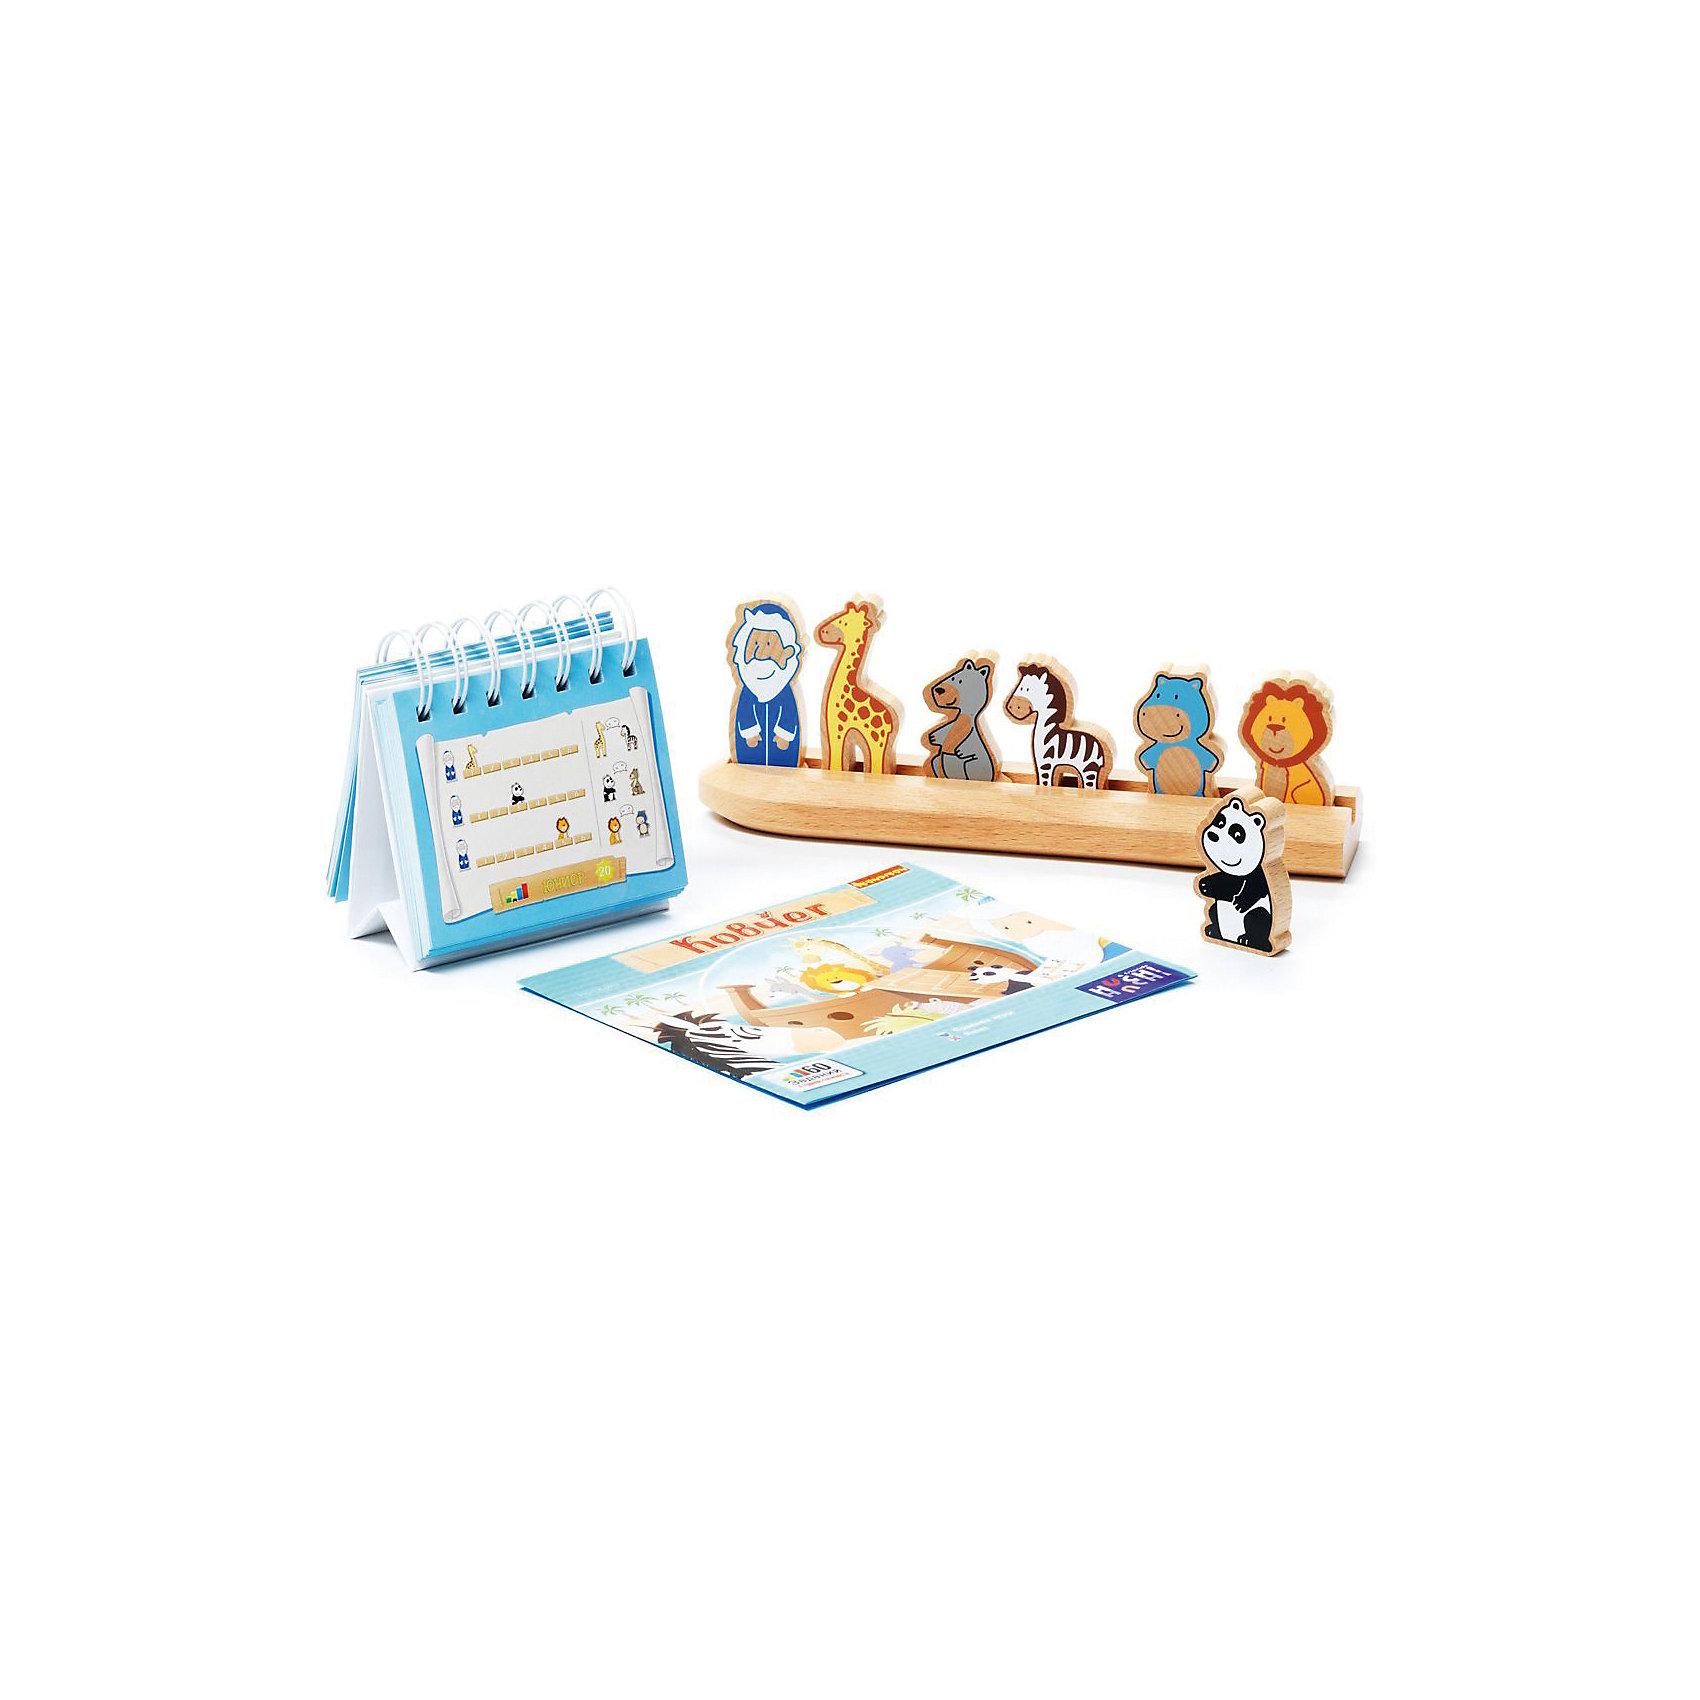 Логическая игра Ковчег, BondibonНастольные игры<br>Логическая игра Ковчег, Bondibon (Бондибон).<br><br>Характеристики:<br><br>• Возраст: от 4 лет<br>• Комплектация: буклет с 60 заданиями, деревянная подставка-ковчег, 7 деревянных фигурок (Ной, жираф, кенгуру, лев, бегемот, панда, зебра)<br>• Материал: древесина<br>• Упаковка: картонная коробка<br>• Размер упаковки: 6х25х25 см.<br>• Вес: 585 гр.<br><br>Веселая игра с симпатичными зверушками. Играть в эту игру особенно приятно, когда на улице идет дождь и капли воды громко стучат по земле, прямо как во время Всемирного потопа. Все животные собираются спастись на деревянном Ноевом ковчеге. Помоги им сесть так, чтобы все поместились на маленькой лодке. Ной всегда впереди, он должен следить удобно ли его пассажирам, не ссорятся ли жираф с белым медведем, не толкаются ли слон и панда! Если вы правильно определите, в каком порядке должны сидеть животные в ковчеге, вы сможете решить задачку и спасти их всех. Это непростая работа! <br><br>В игре целых 60 заданий 4 уровней сложности! Реши их все! Помоги зверям спастись! Игра выполнена из качественной древесины, играть с милыми зверушками будет приятно и детям и увлеченным взрослым. Игра знакомит малышей с различными животными, развивает логическое и пространственное мышление.<br><br>Логическую игру Ковчег, Bondibon (Бондибон) можно купить в нашем интернет-магазине.<br><br>Ширина мм: 245<br>Глубина мм: 55<br>Высота мм: 240<br>Вес г: 667<br>Возраст от месяцев: 48<br>Возраст до месяцев: 144<br>Пол: Унисекс<br>Возраст: Детский<br>SKU: 5451755